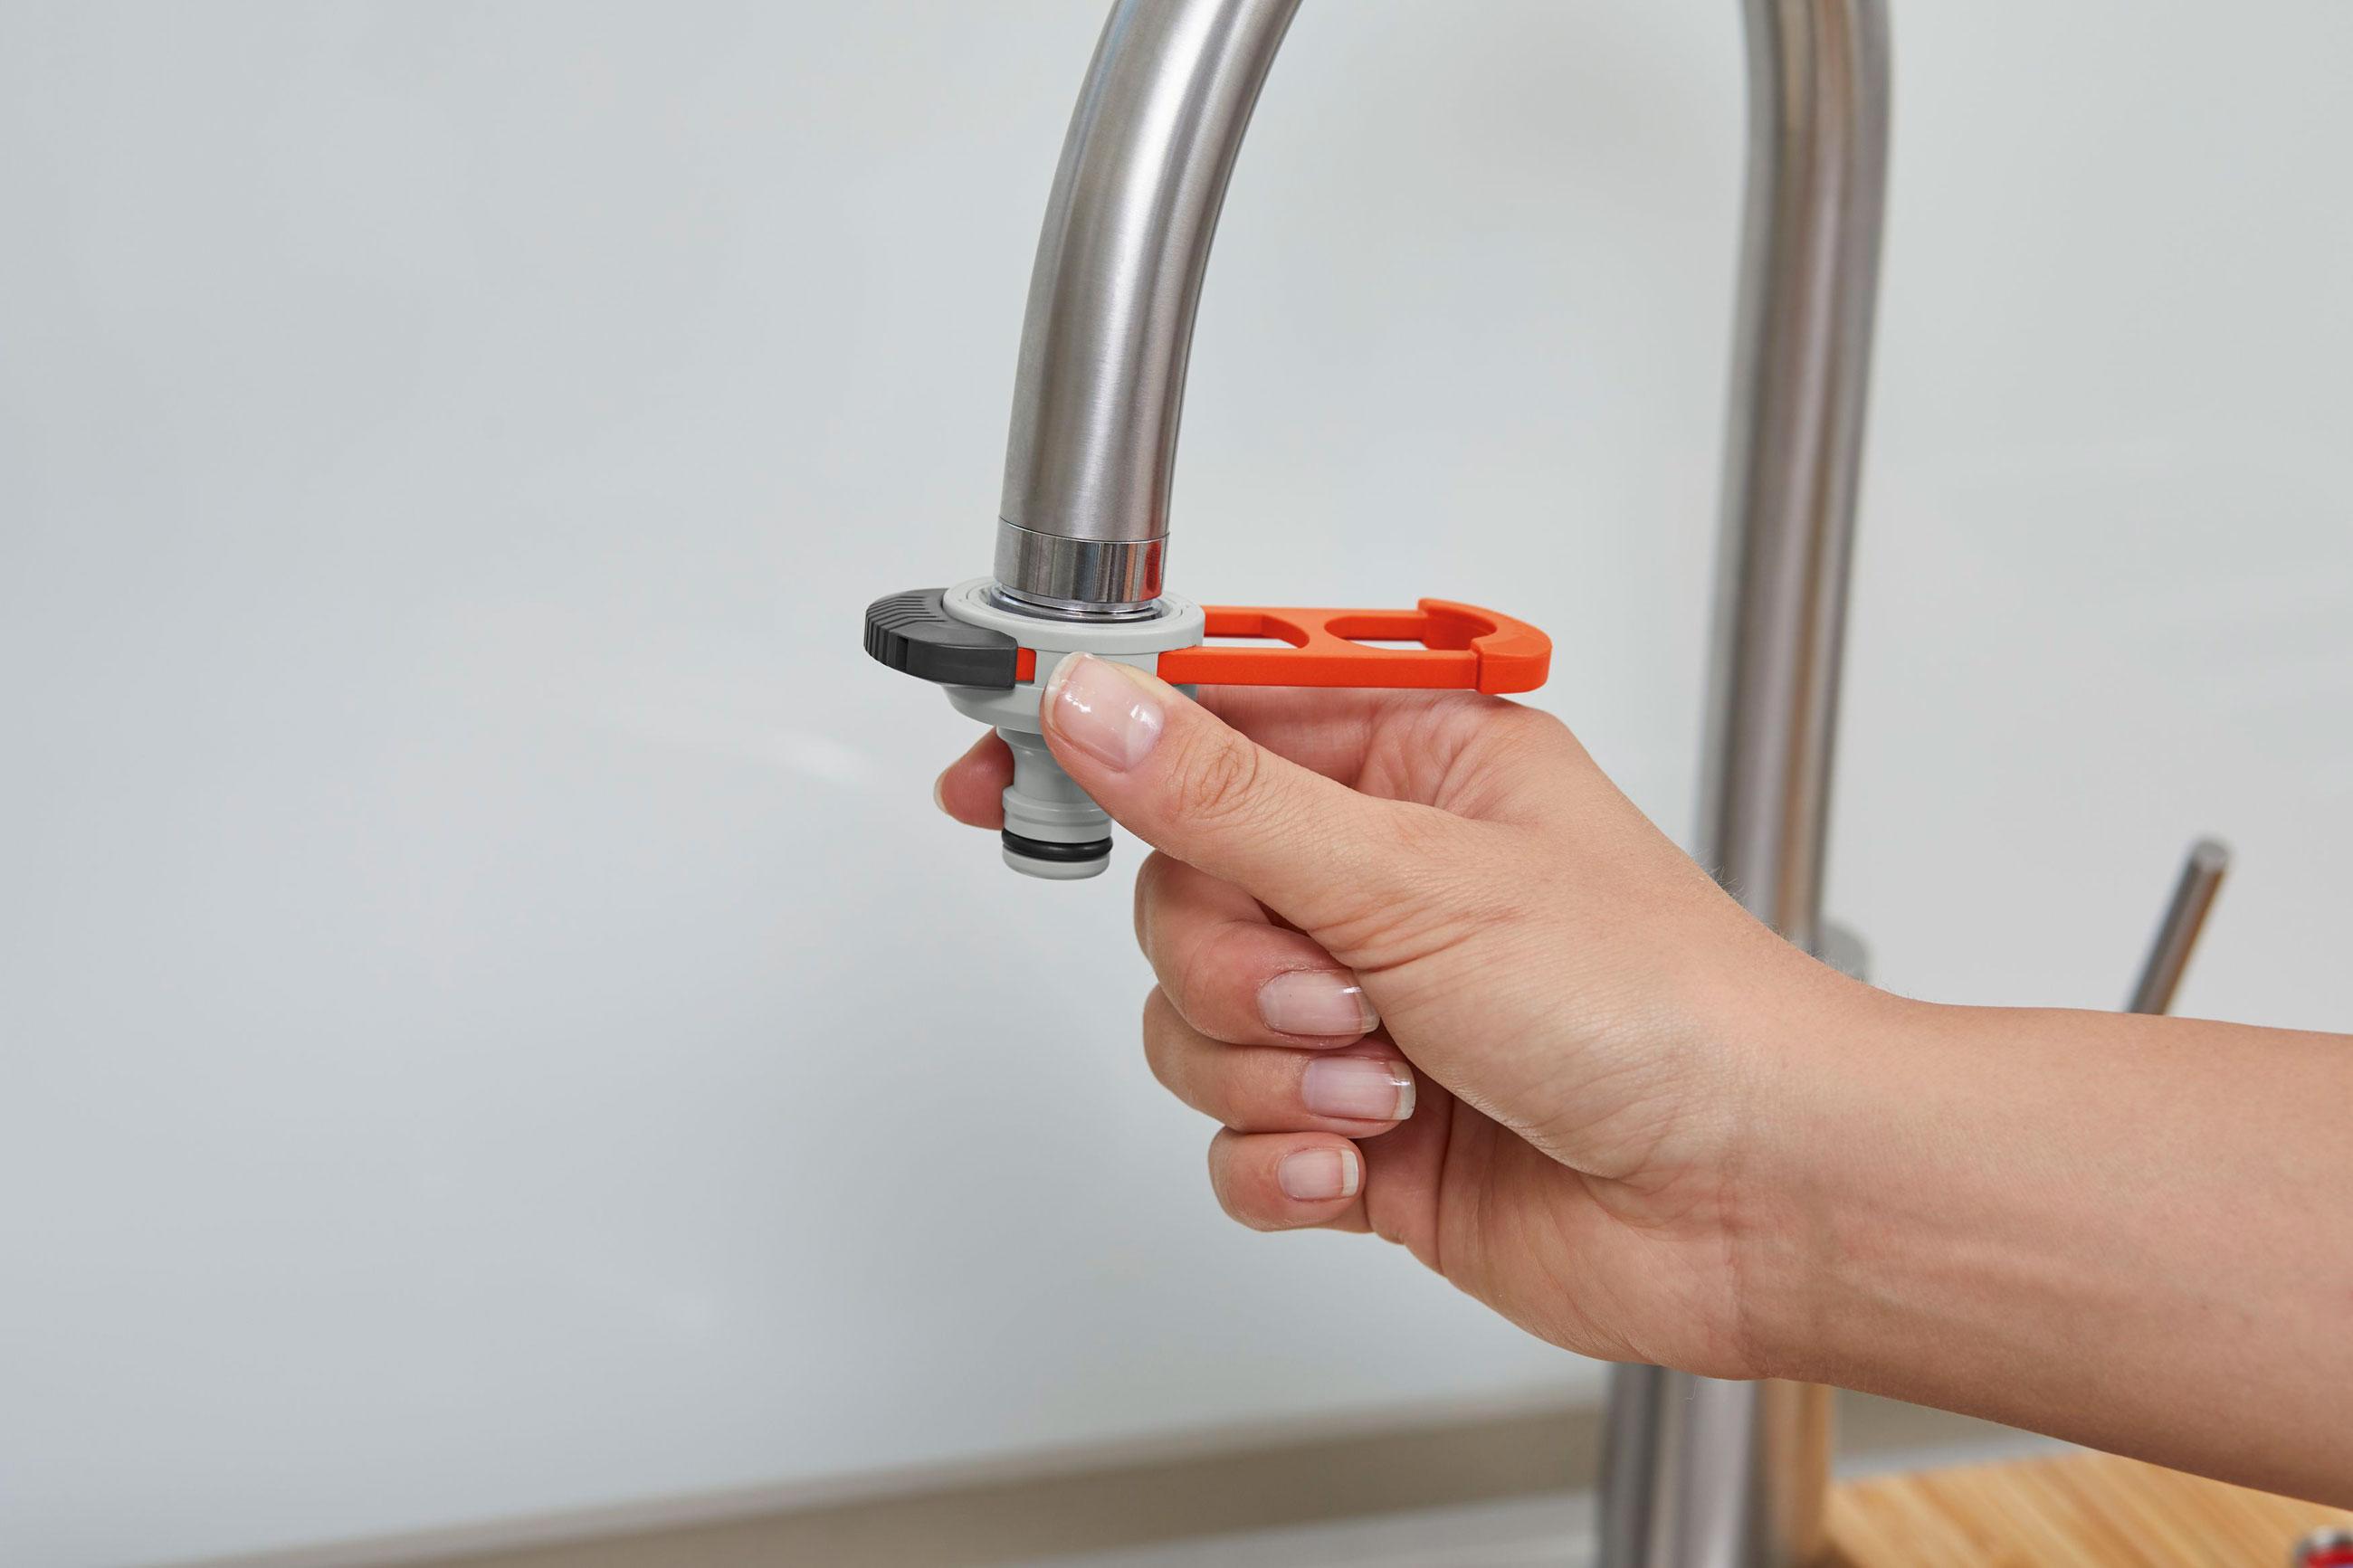 GARDENA Adapter für Indoor-Wasserhähne 08187-20 Bild 3